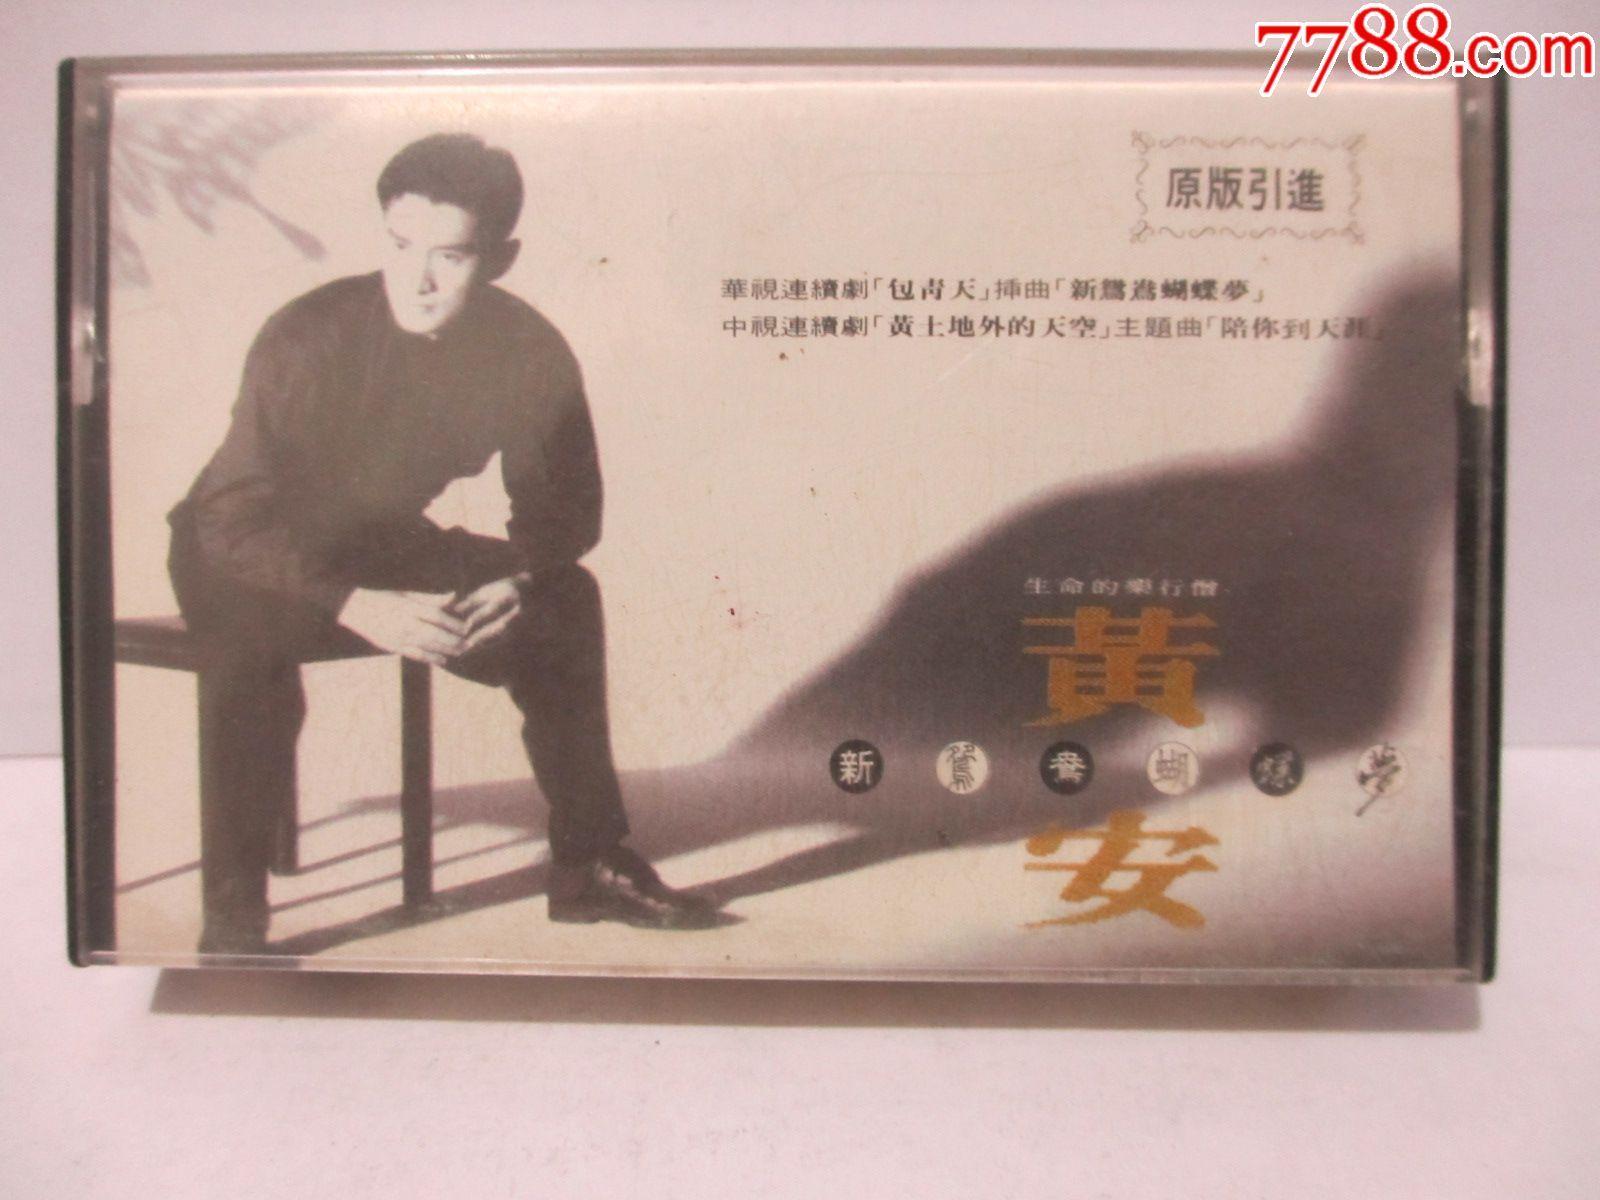 磁带··黄安·新鸳鸯蝴蝶梦